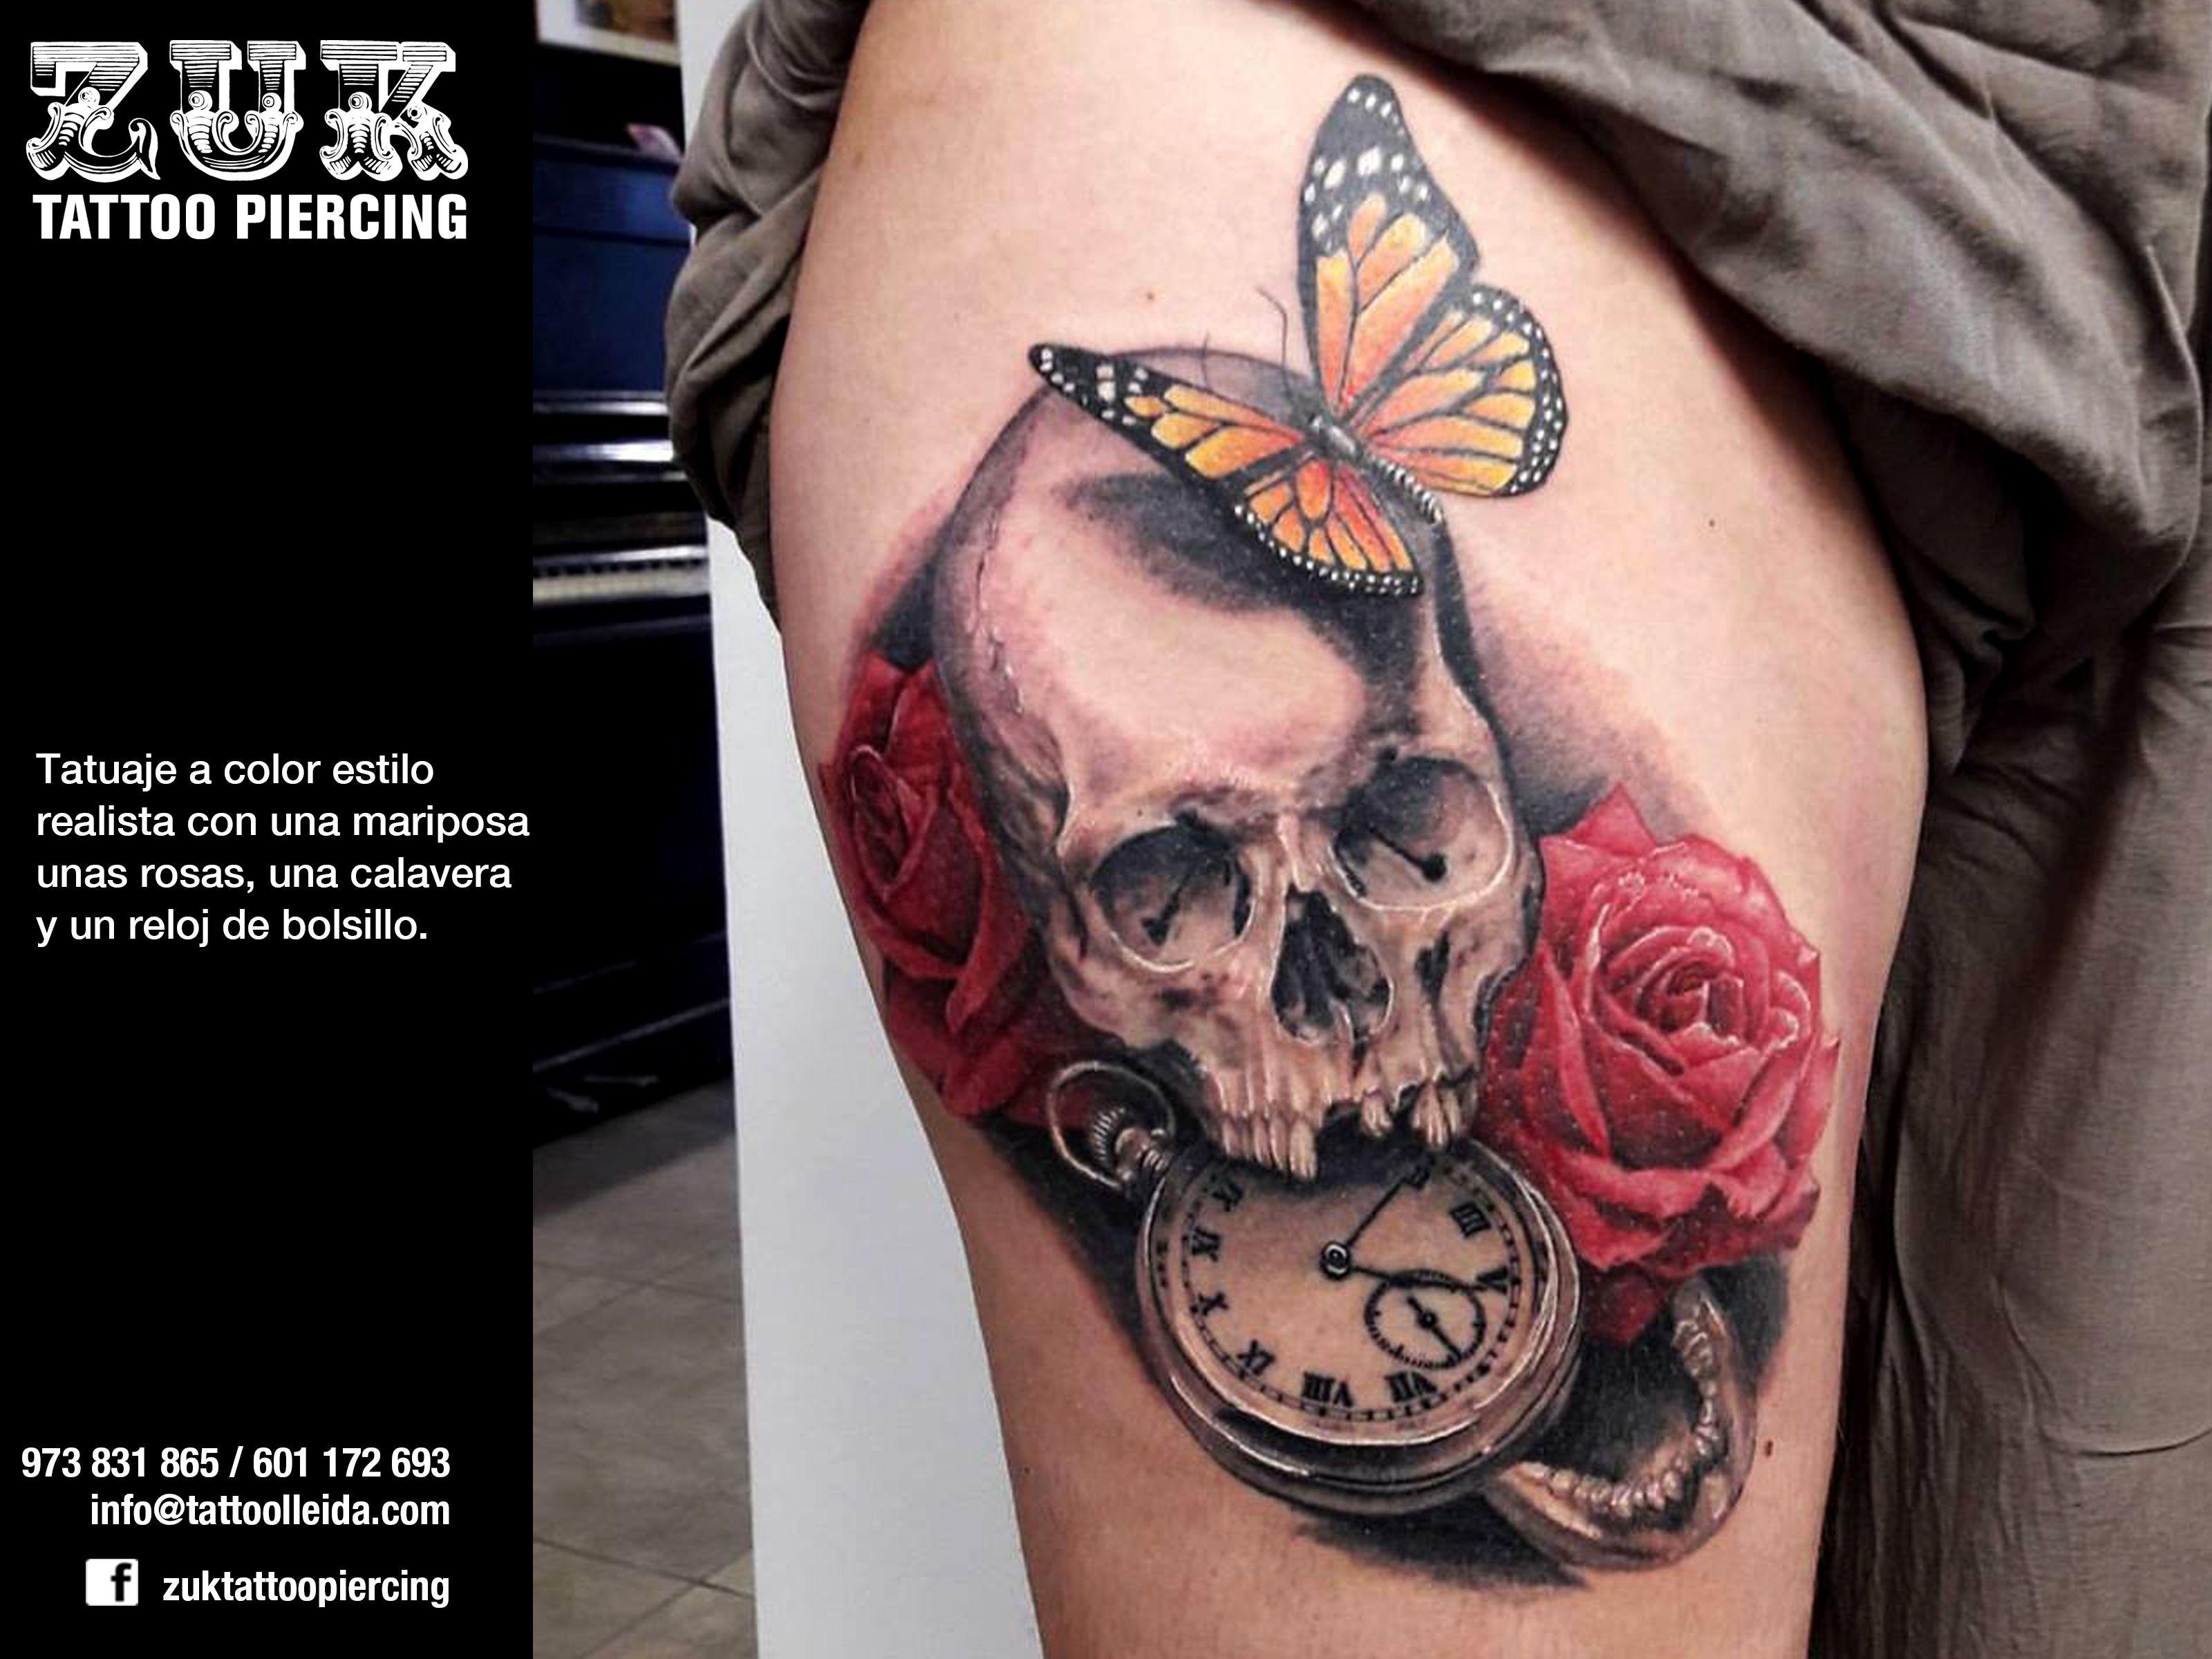 Tatuaje A Color Estilo Realista Con Una Mariposa Unas Rosas Una